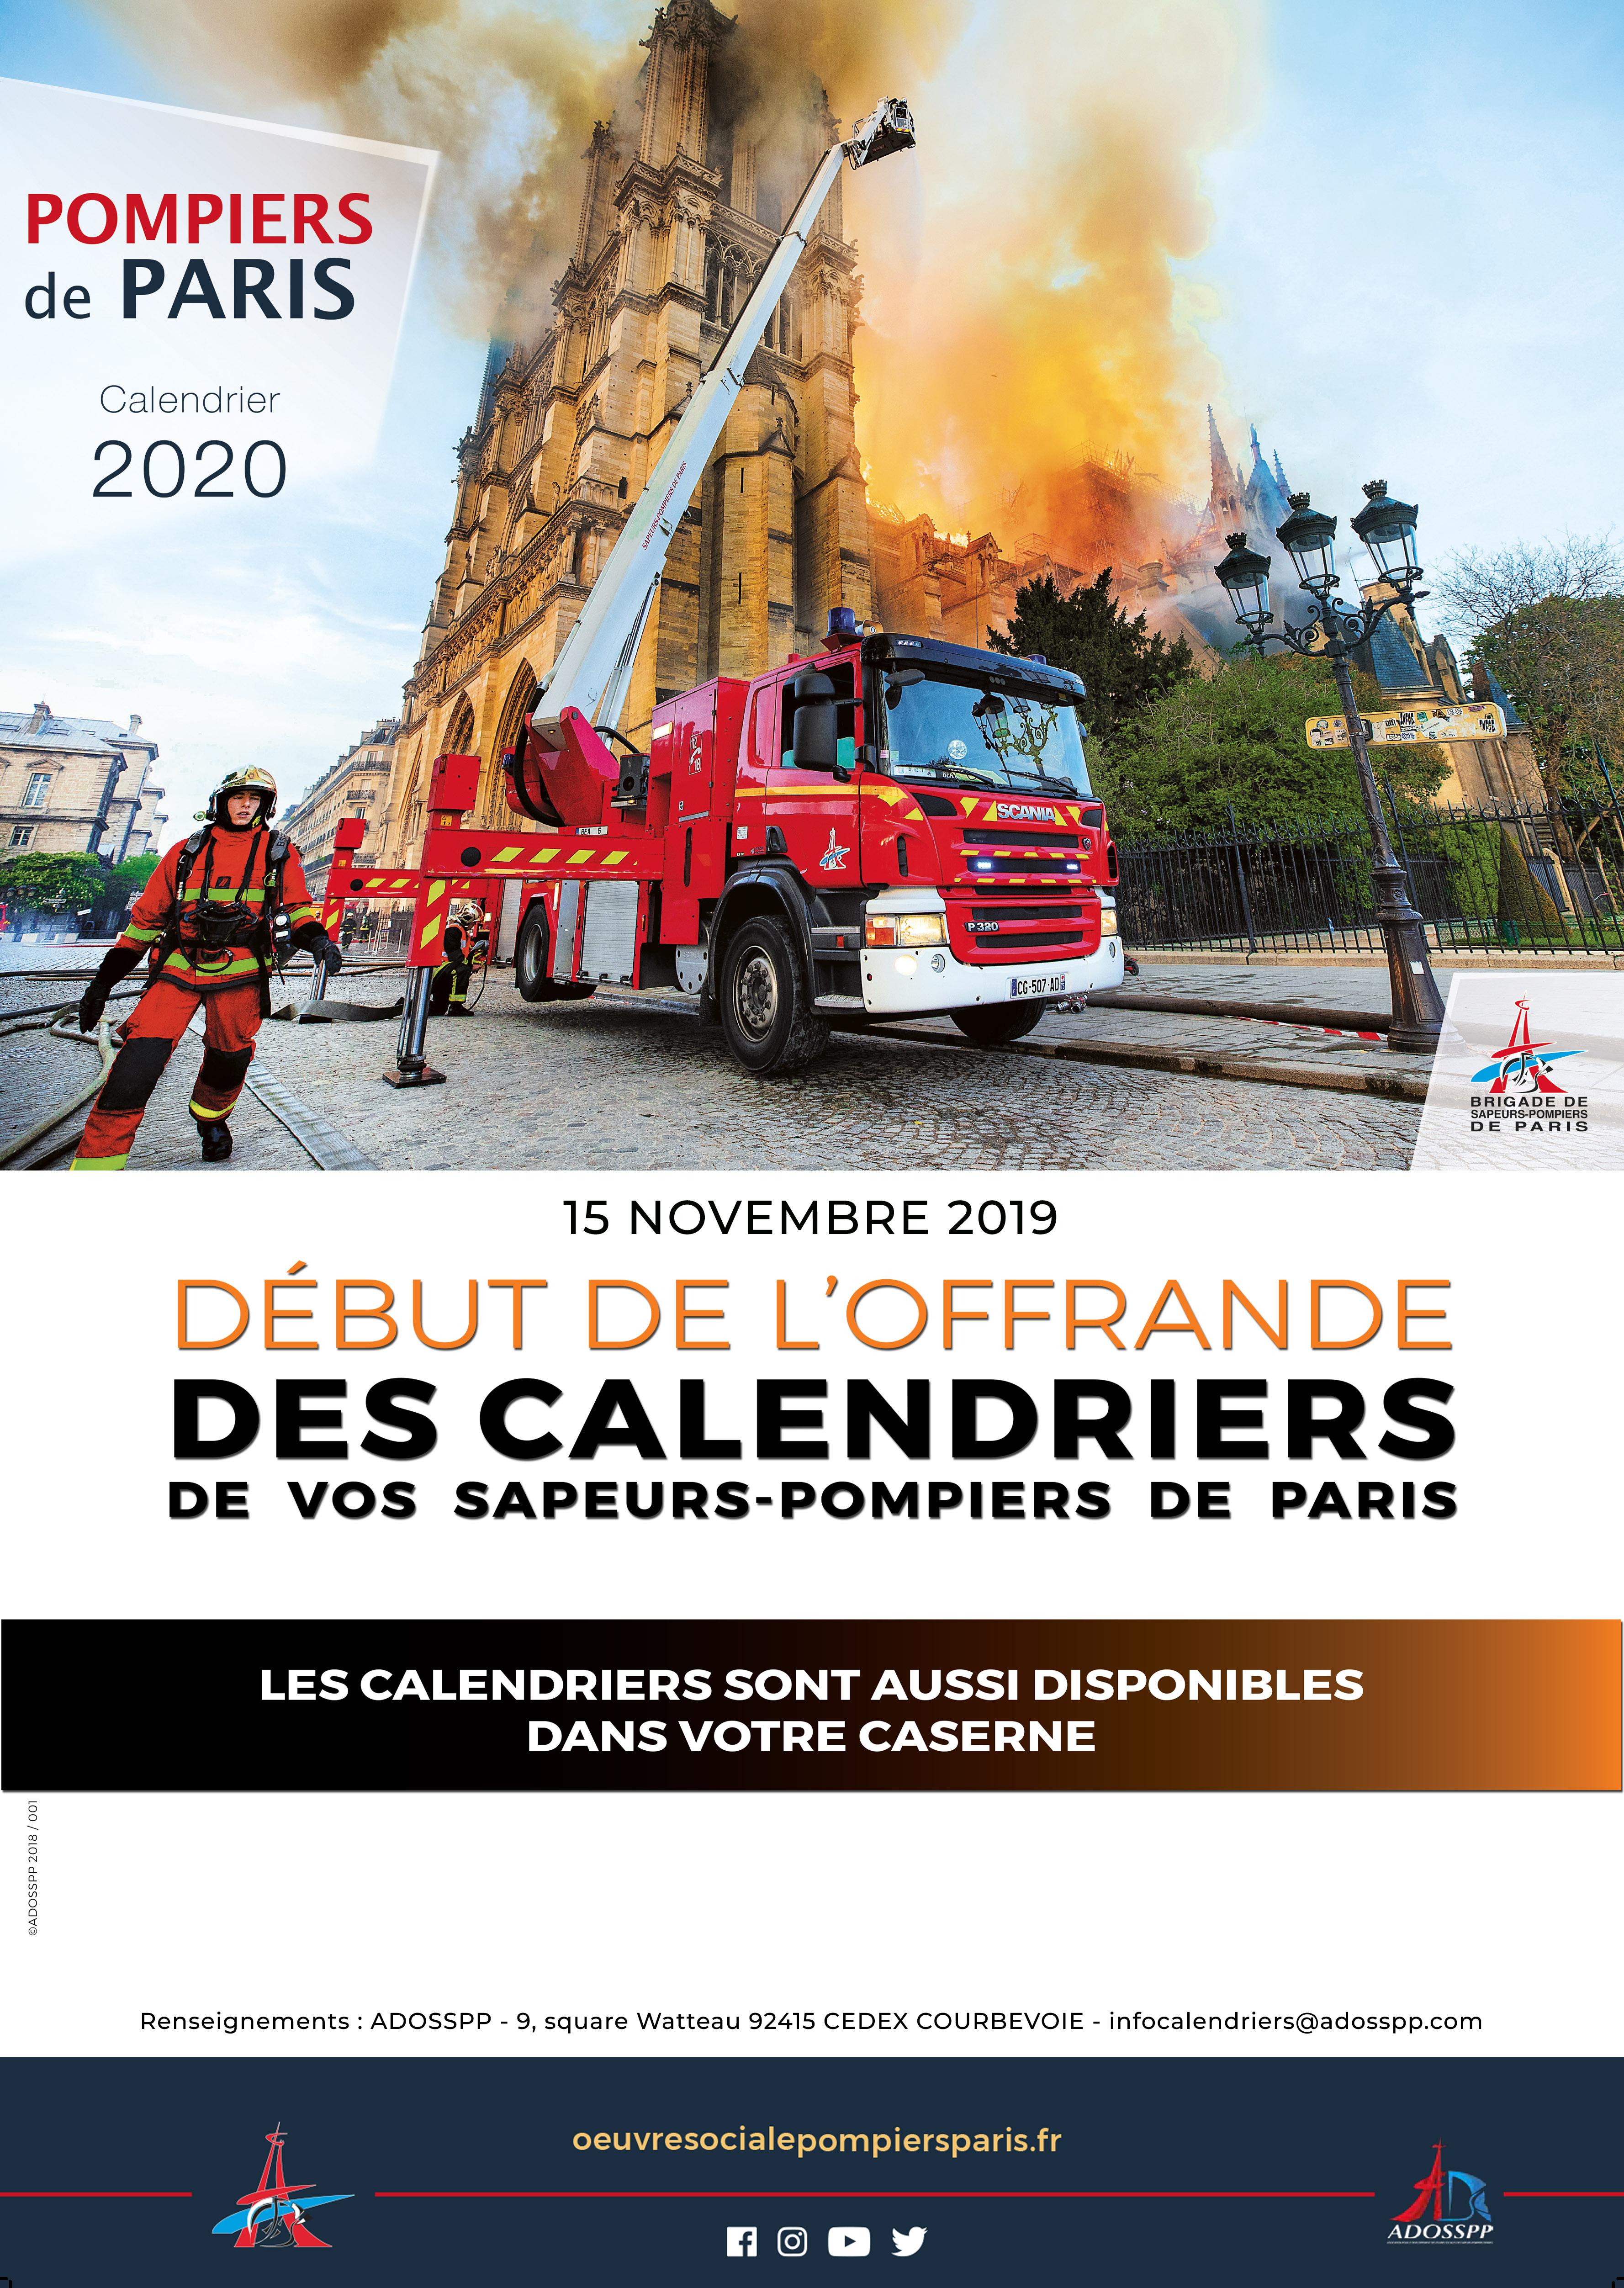 Calendrier Pompier De Paris 2021 Demandez votre calendrier 2020 des Sapeurs Pompiers de   Mairie du